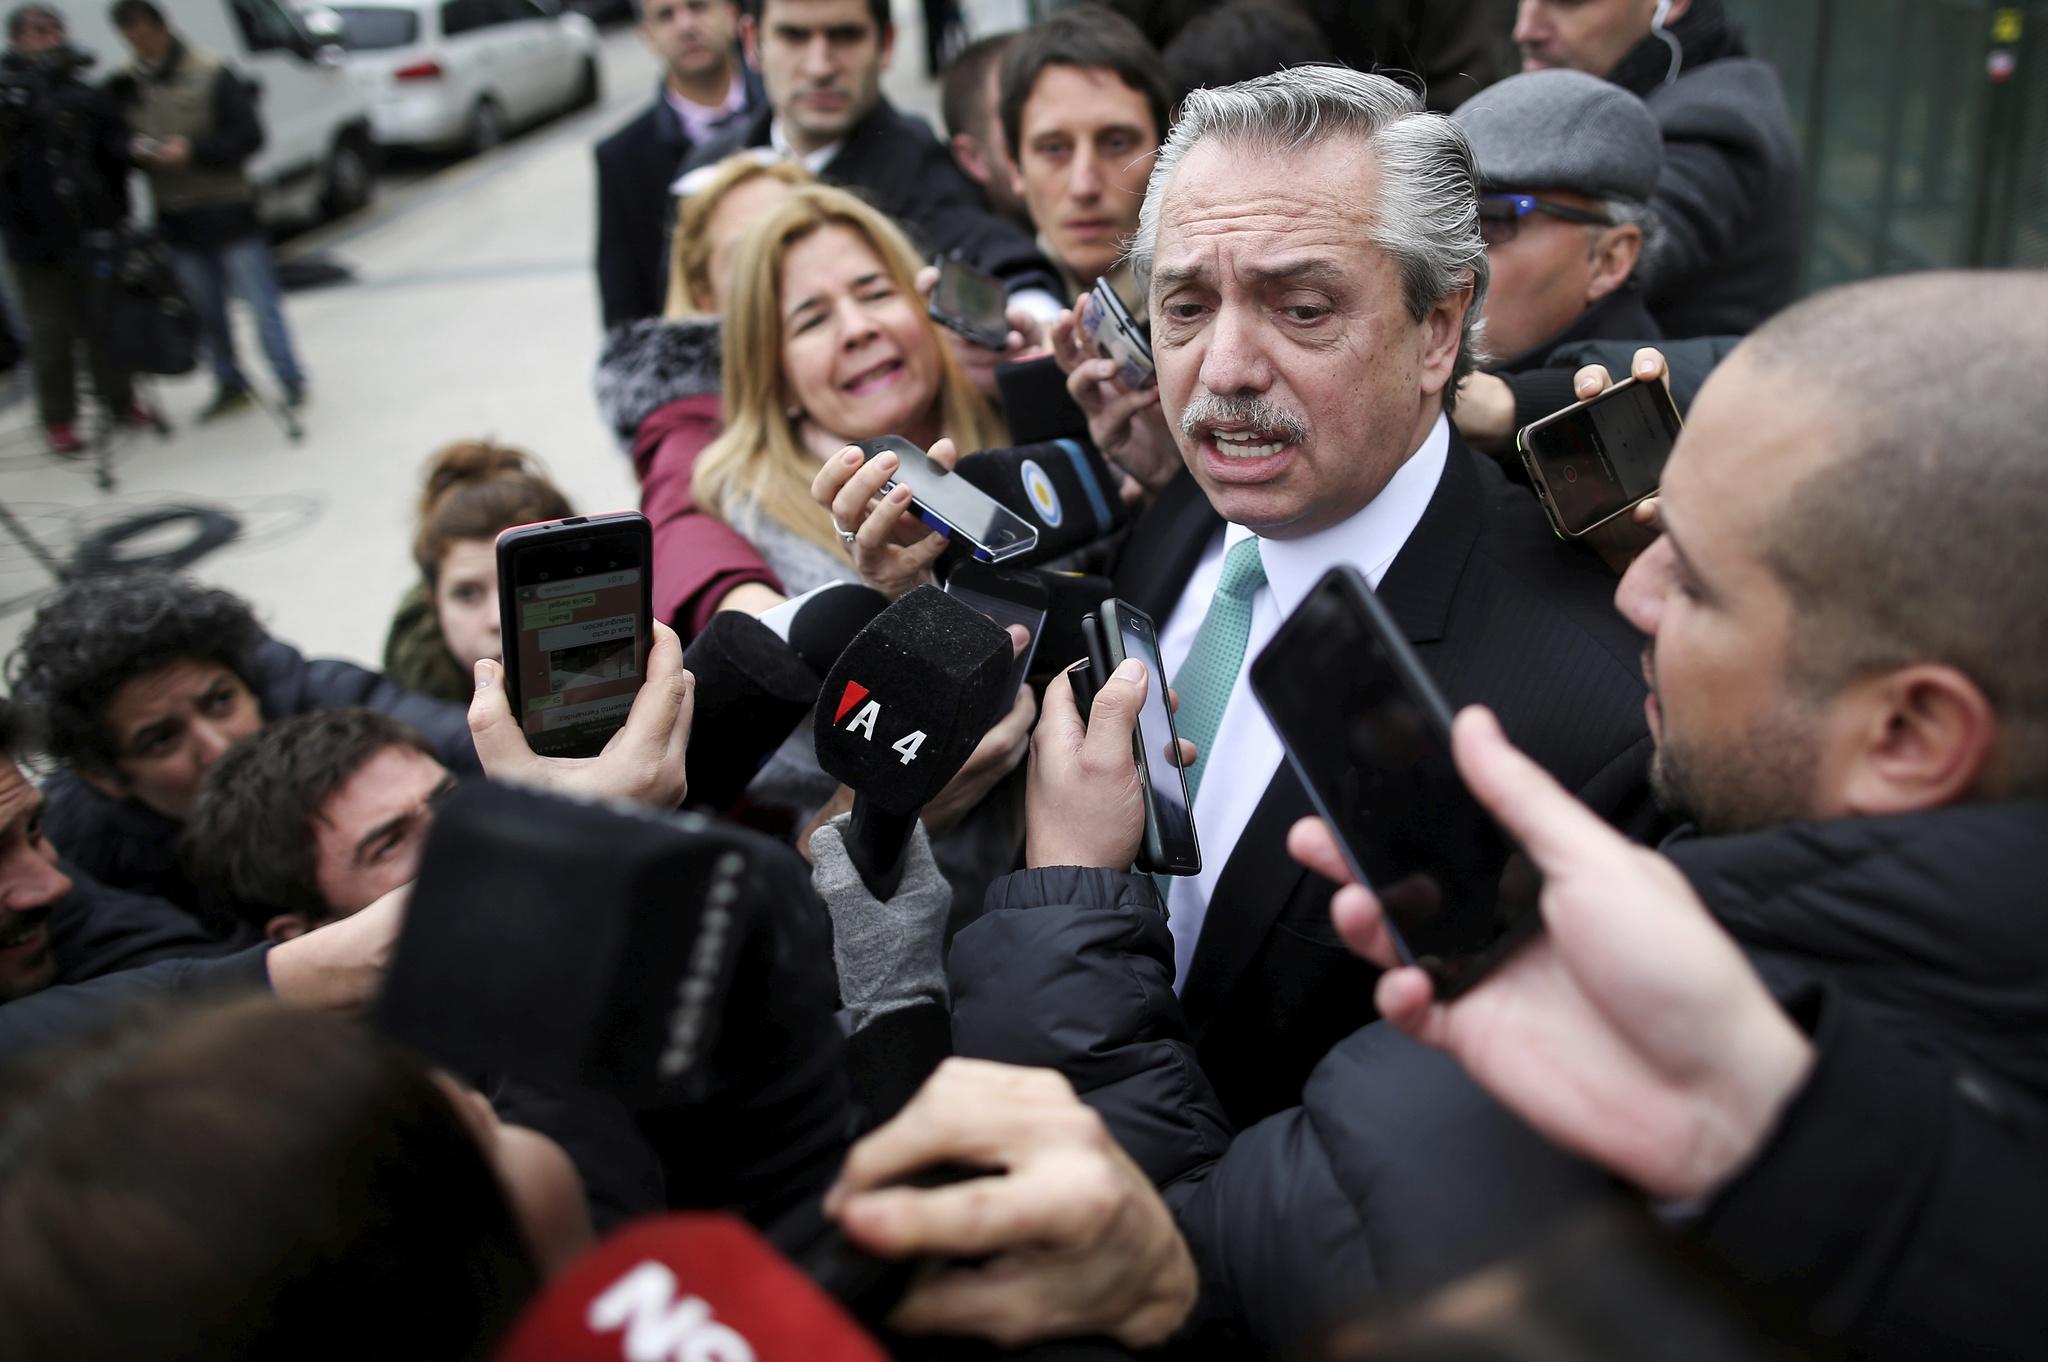 El presidente de Argentina, Alberto Fernández, rodeado de periodistas en una calle de Buenos Aires.